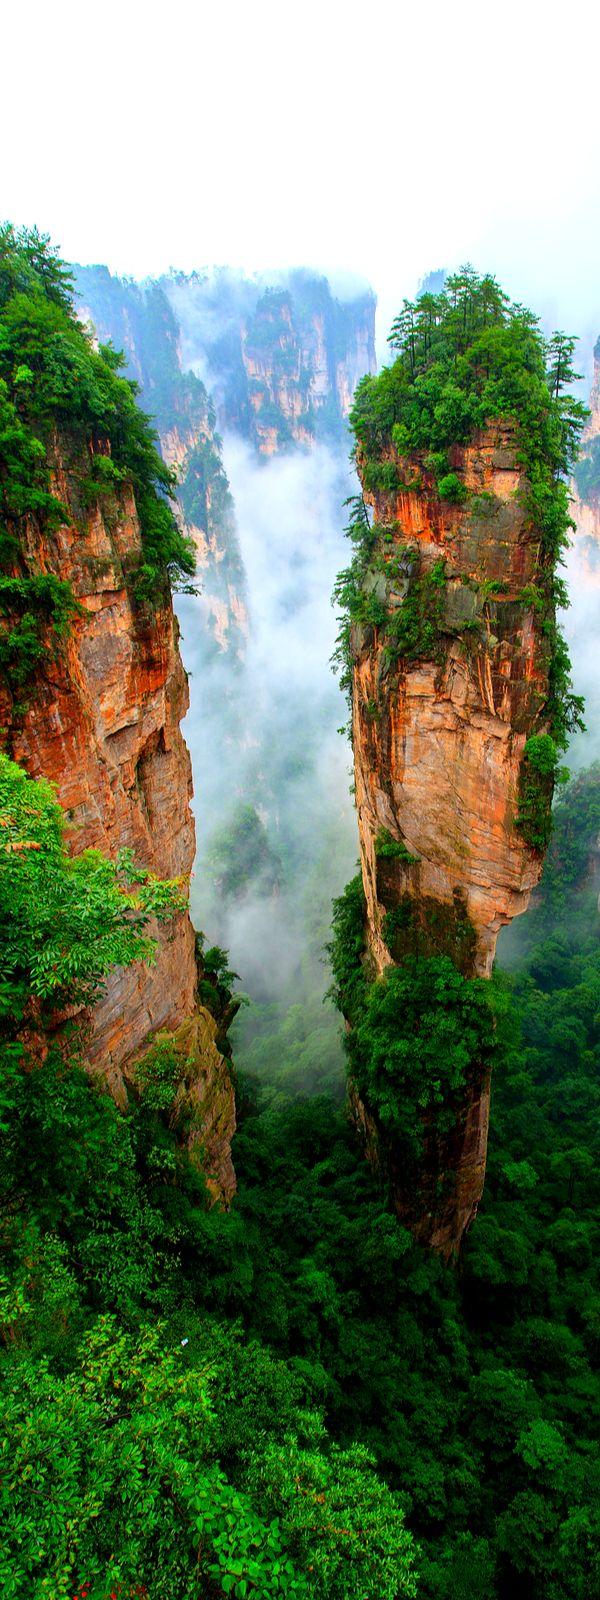 Zhangjiajie, Hunan Province, China